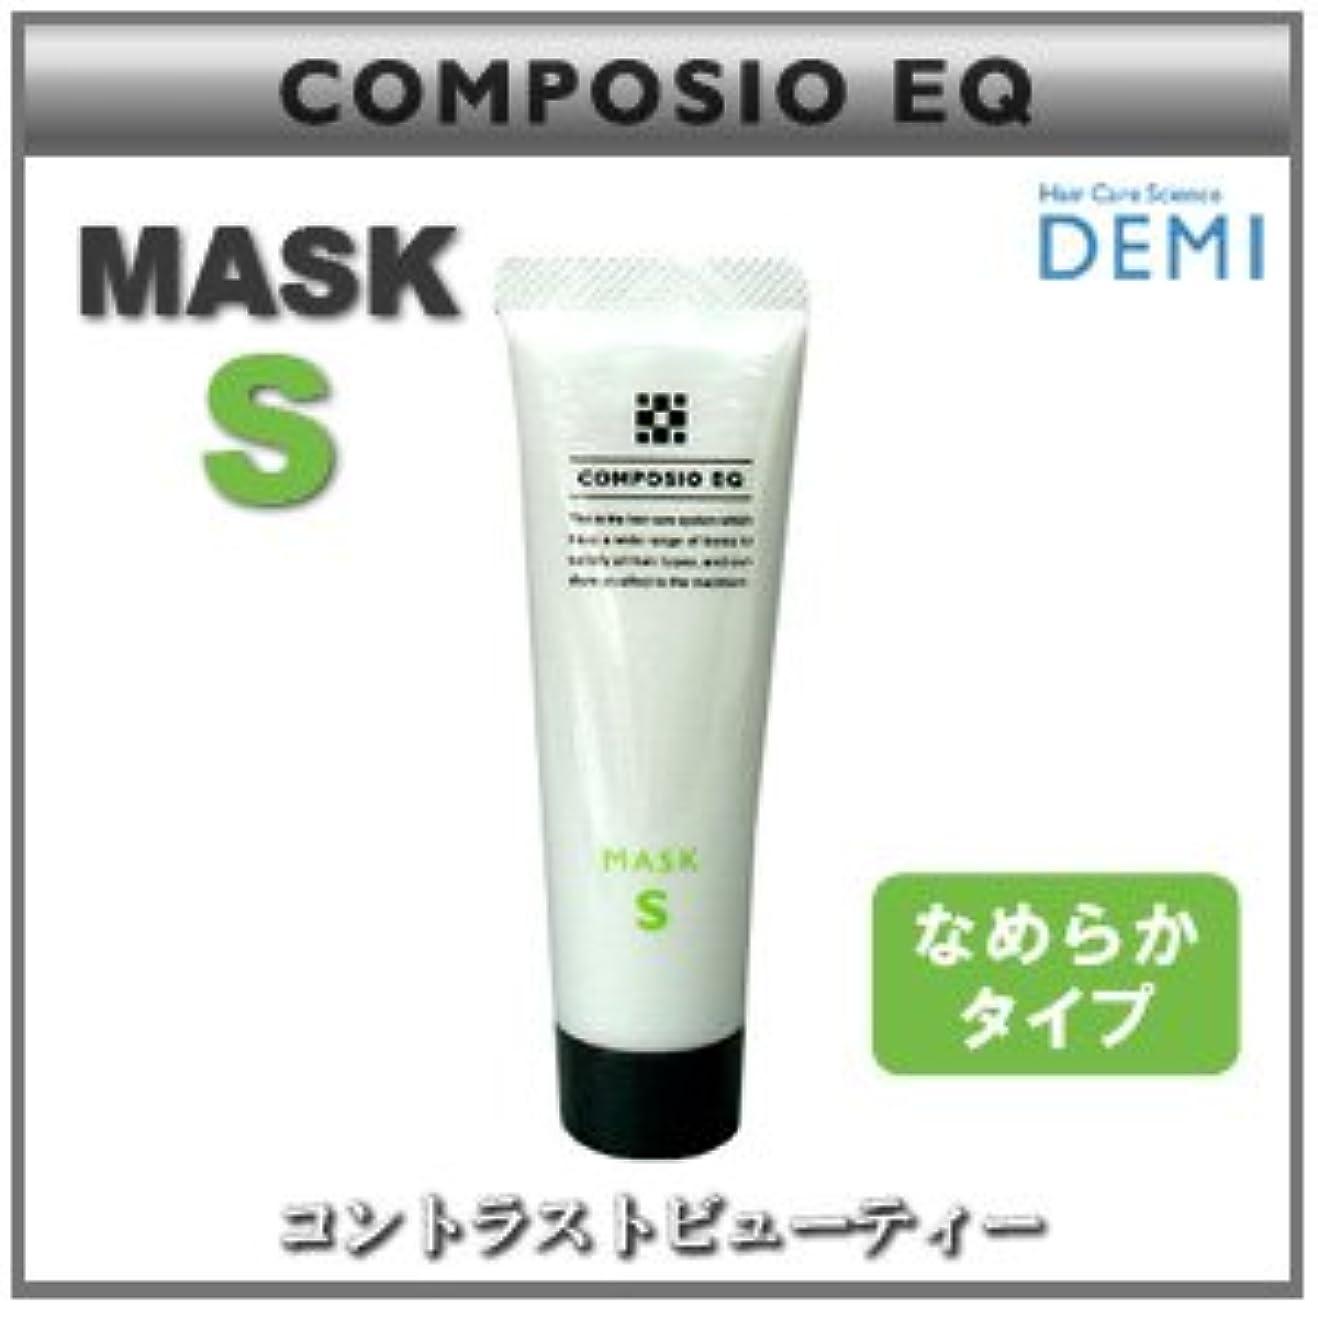 談話差別化する請求【X2個セット】 デミ コンポジオ EQ マスク S 50g